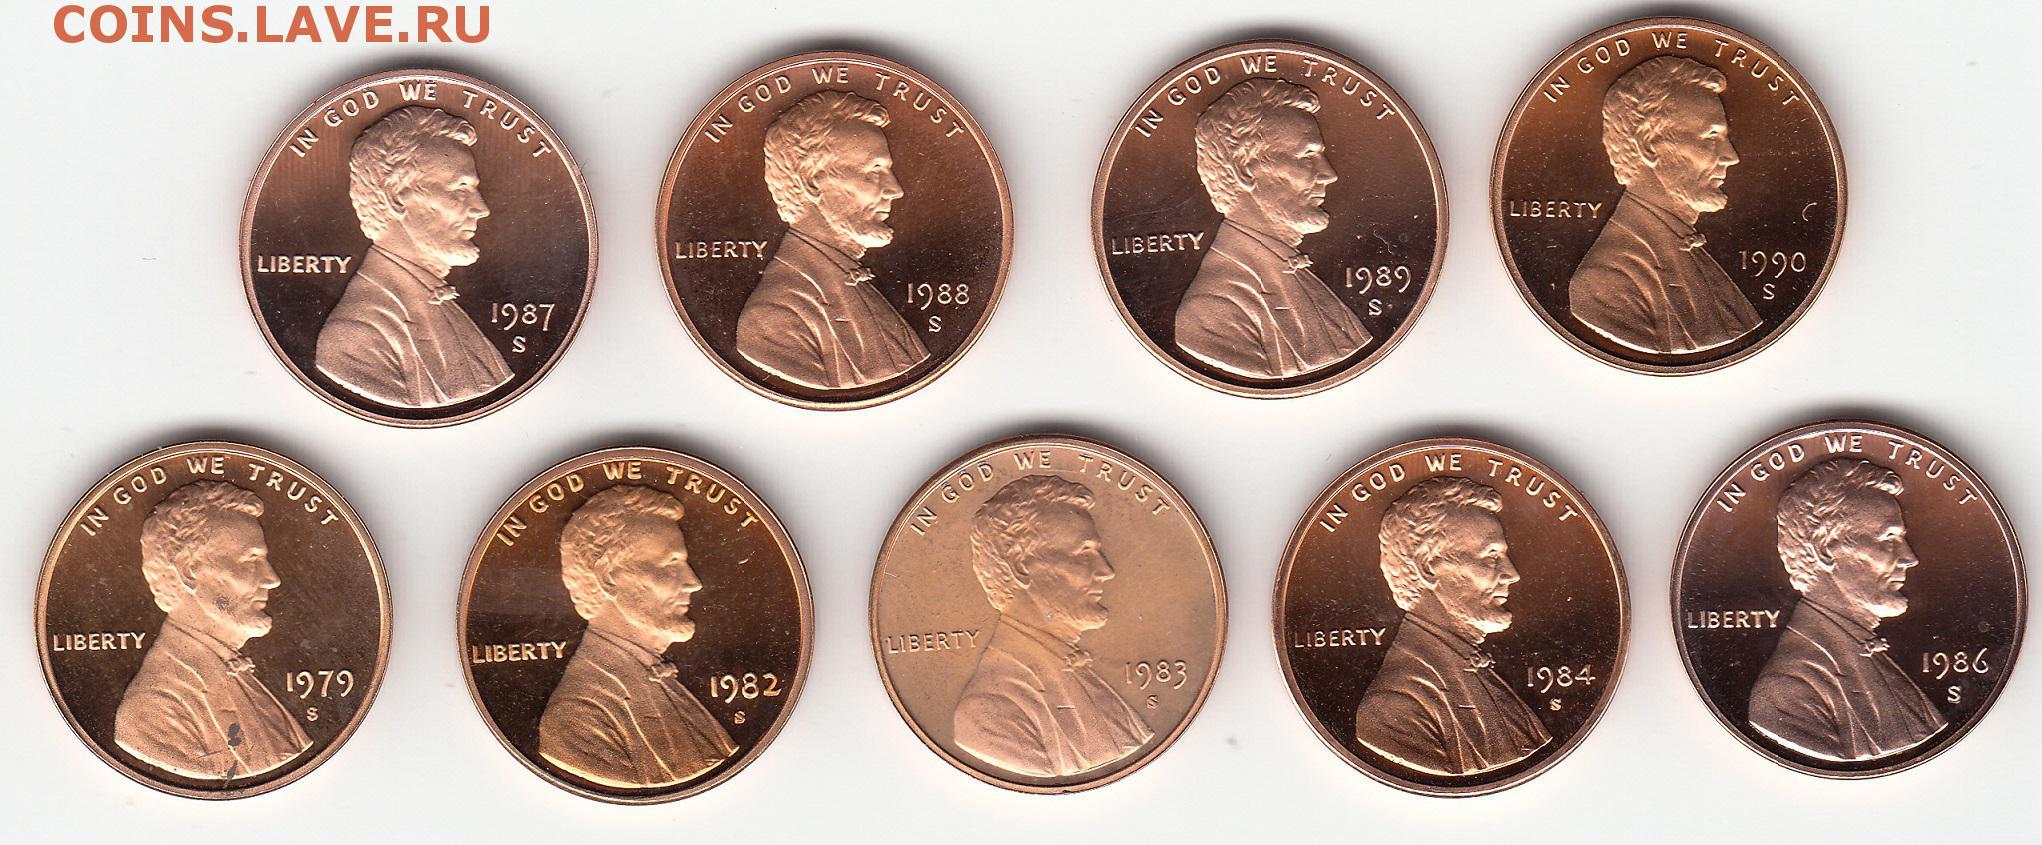 Монеты сша (вроде как небольшой каталог всех монет сша) - мо.